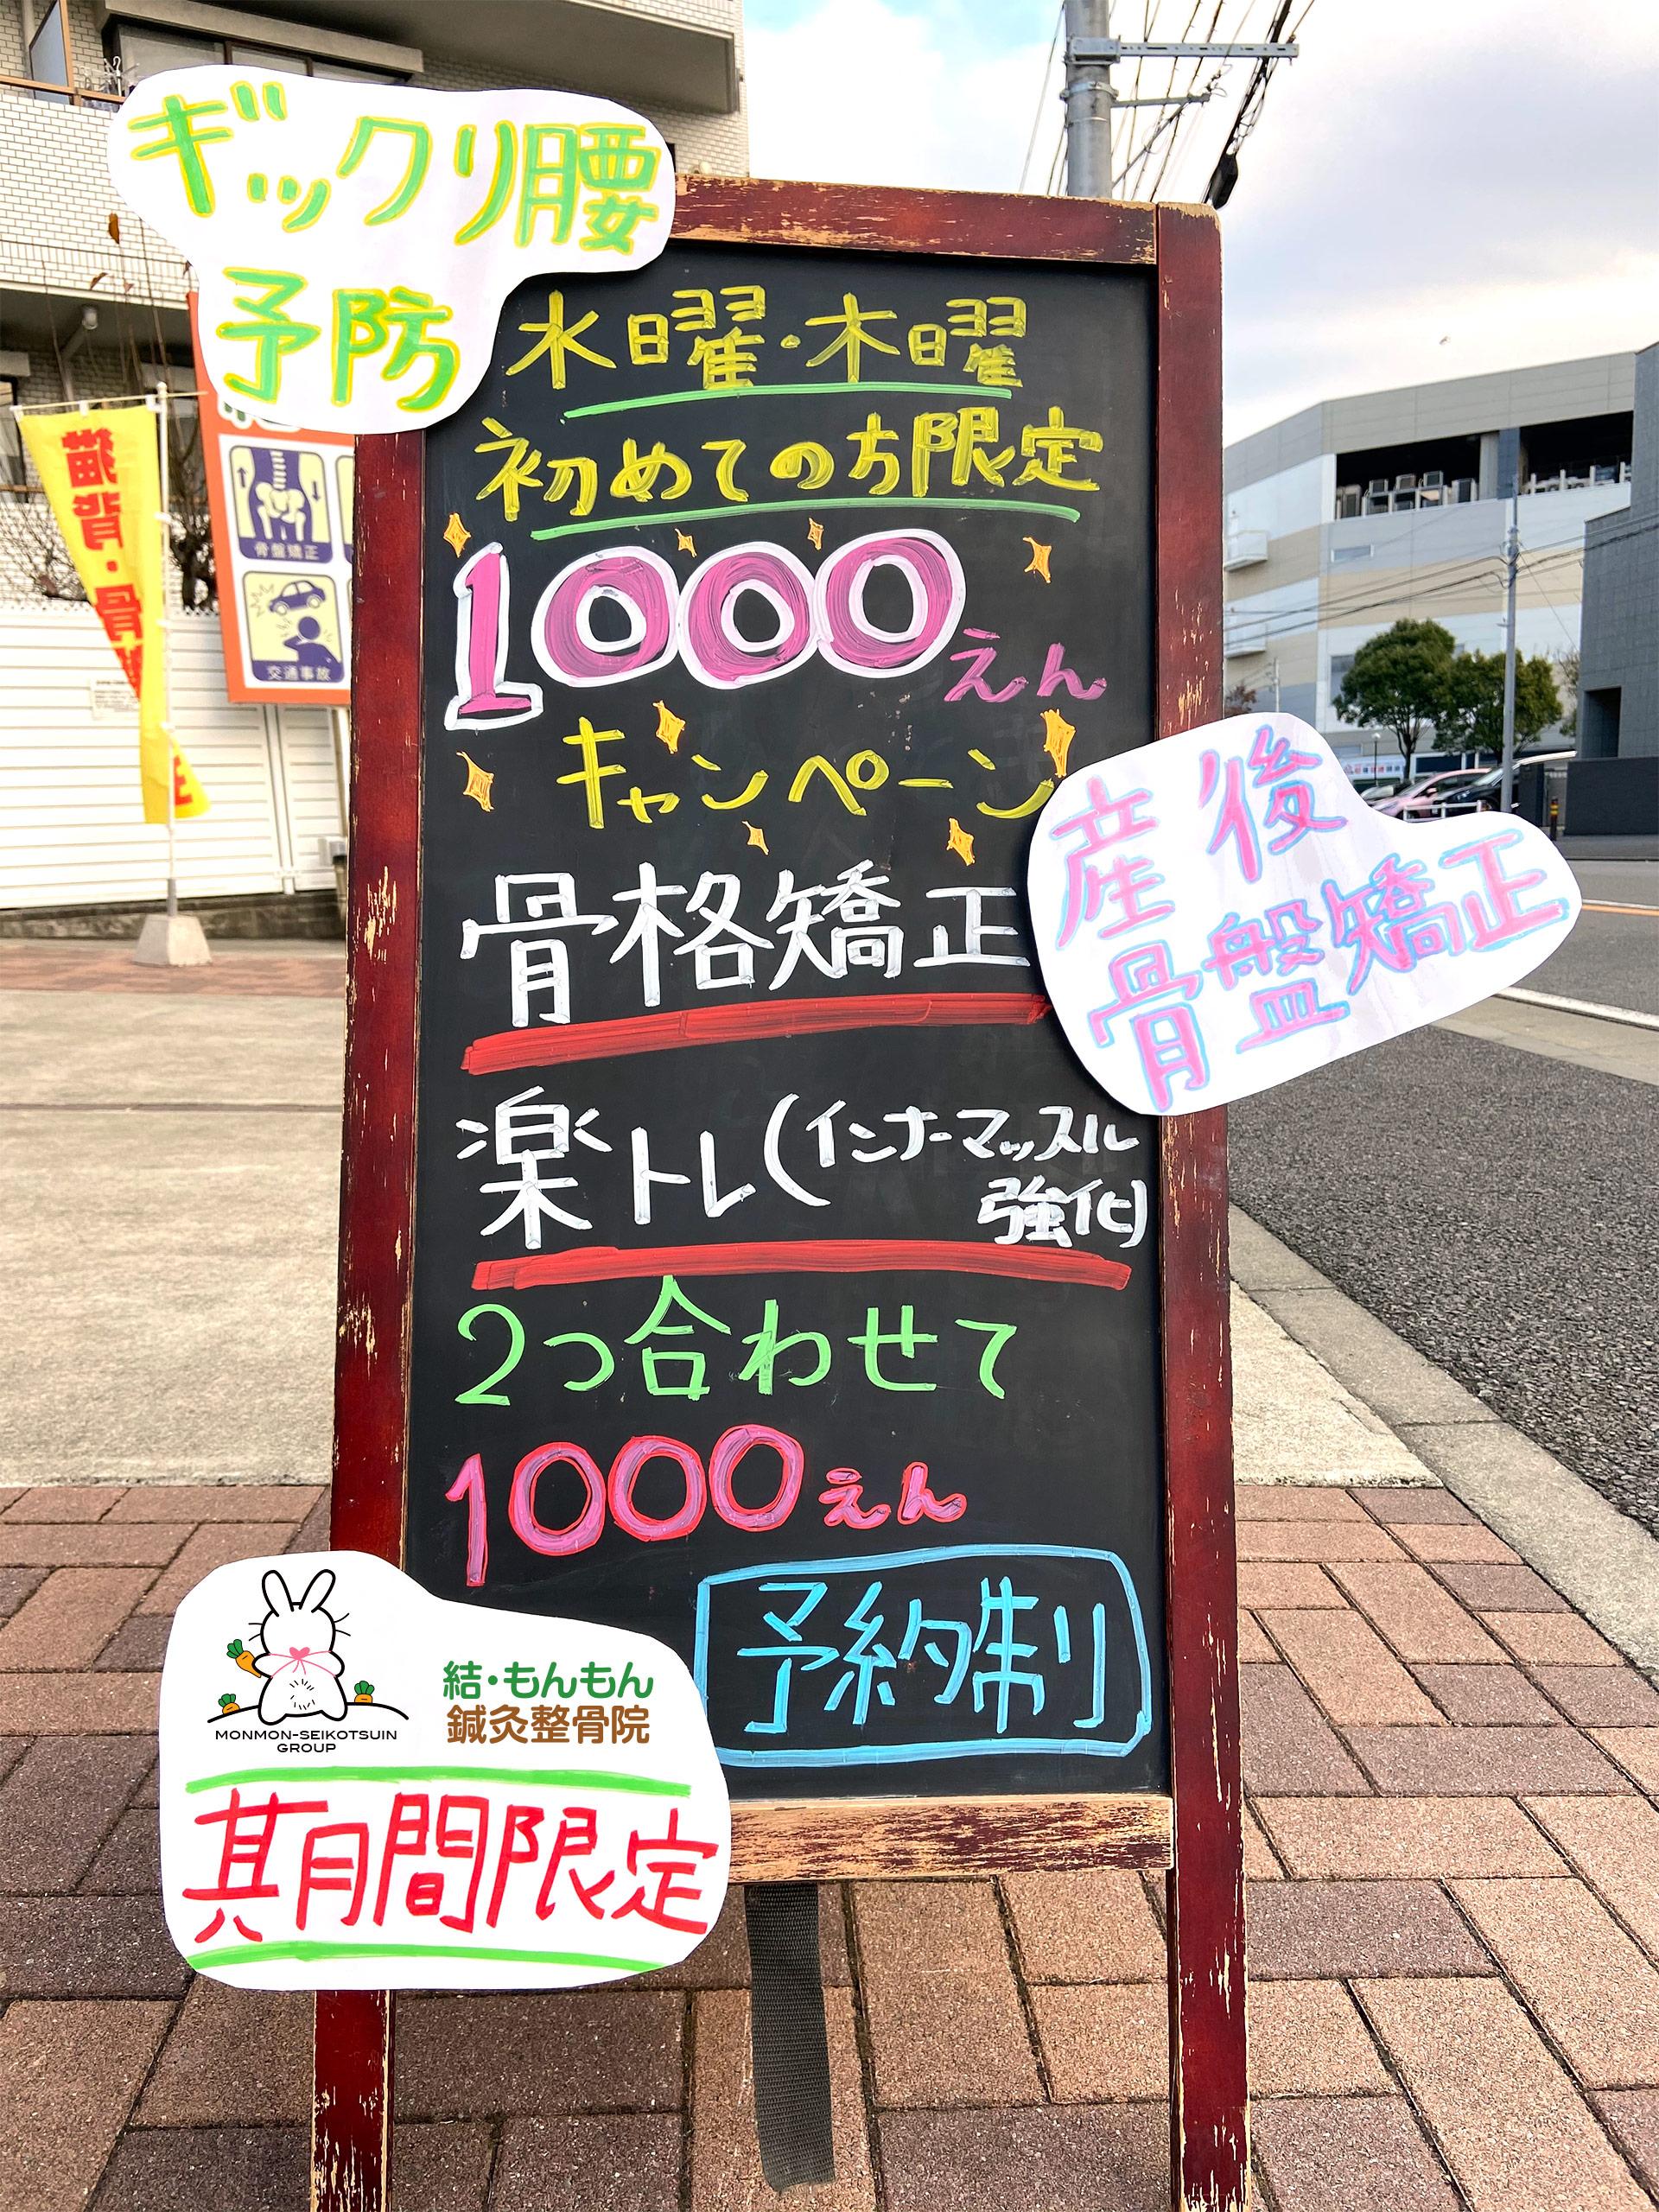 【水・木曜日は】骨格矯正&楽トレ『2つ合わせて1,000円』キャンペーン開催中!